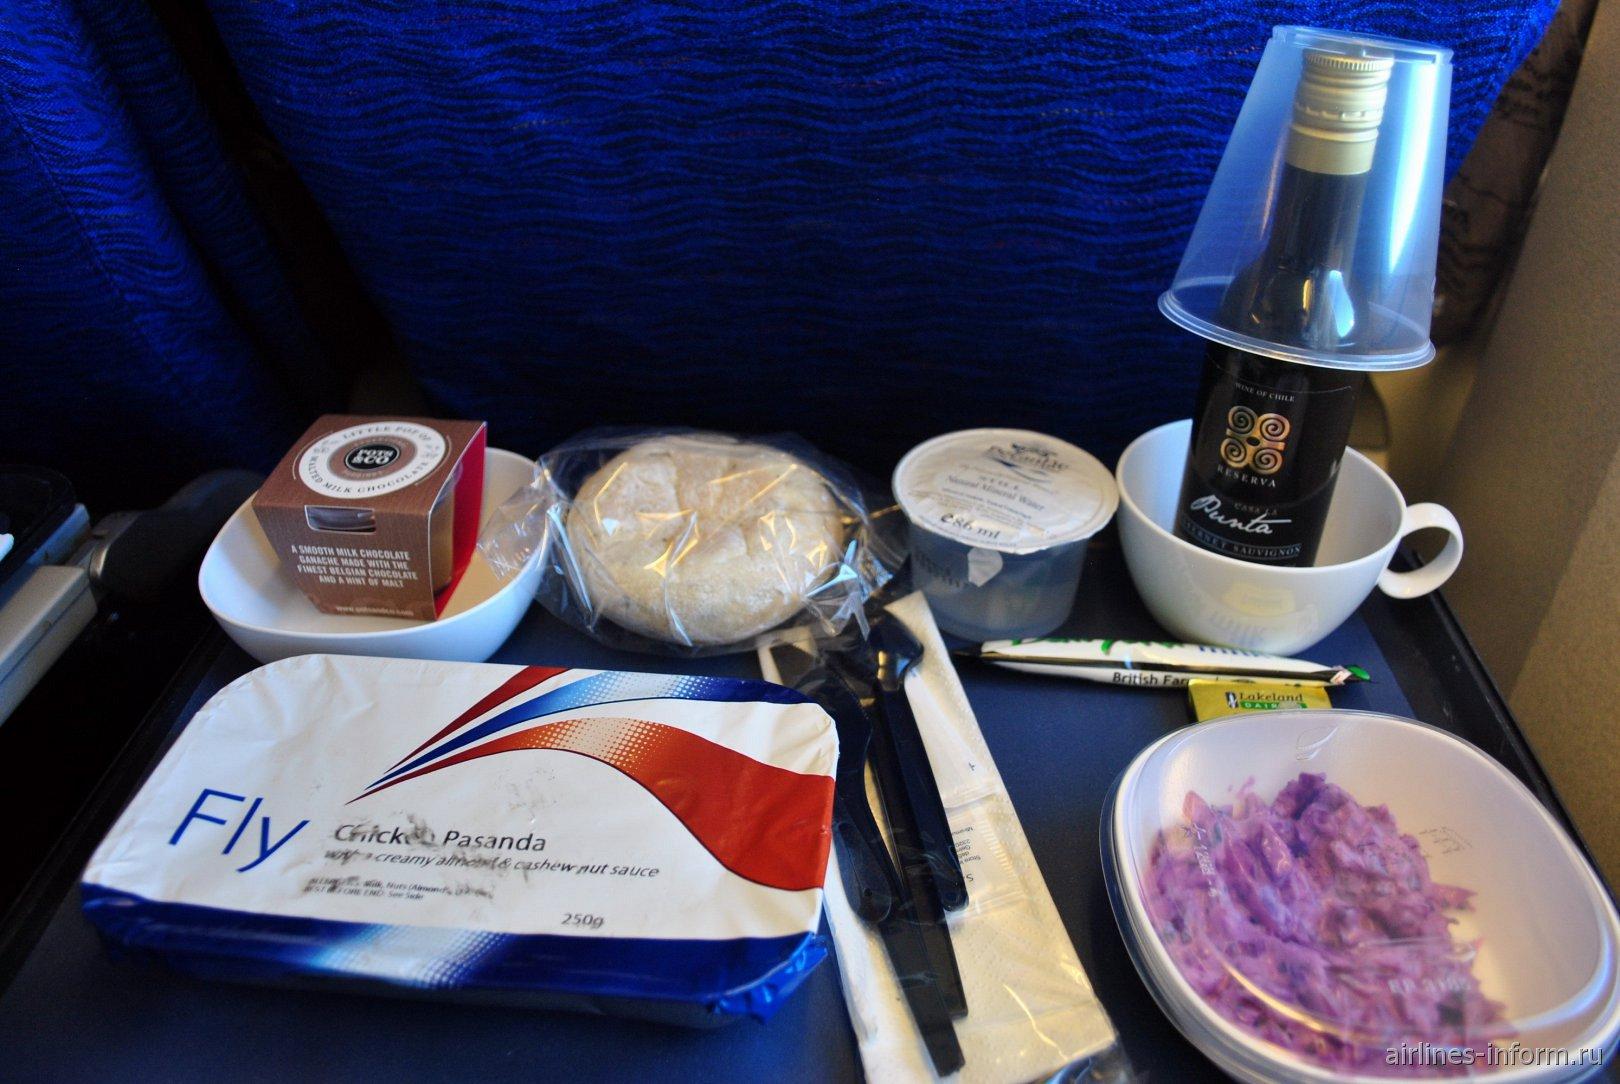 Бортовое питание на рейсе Лондон-Мехико Британских авиалиний